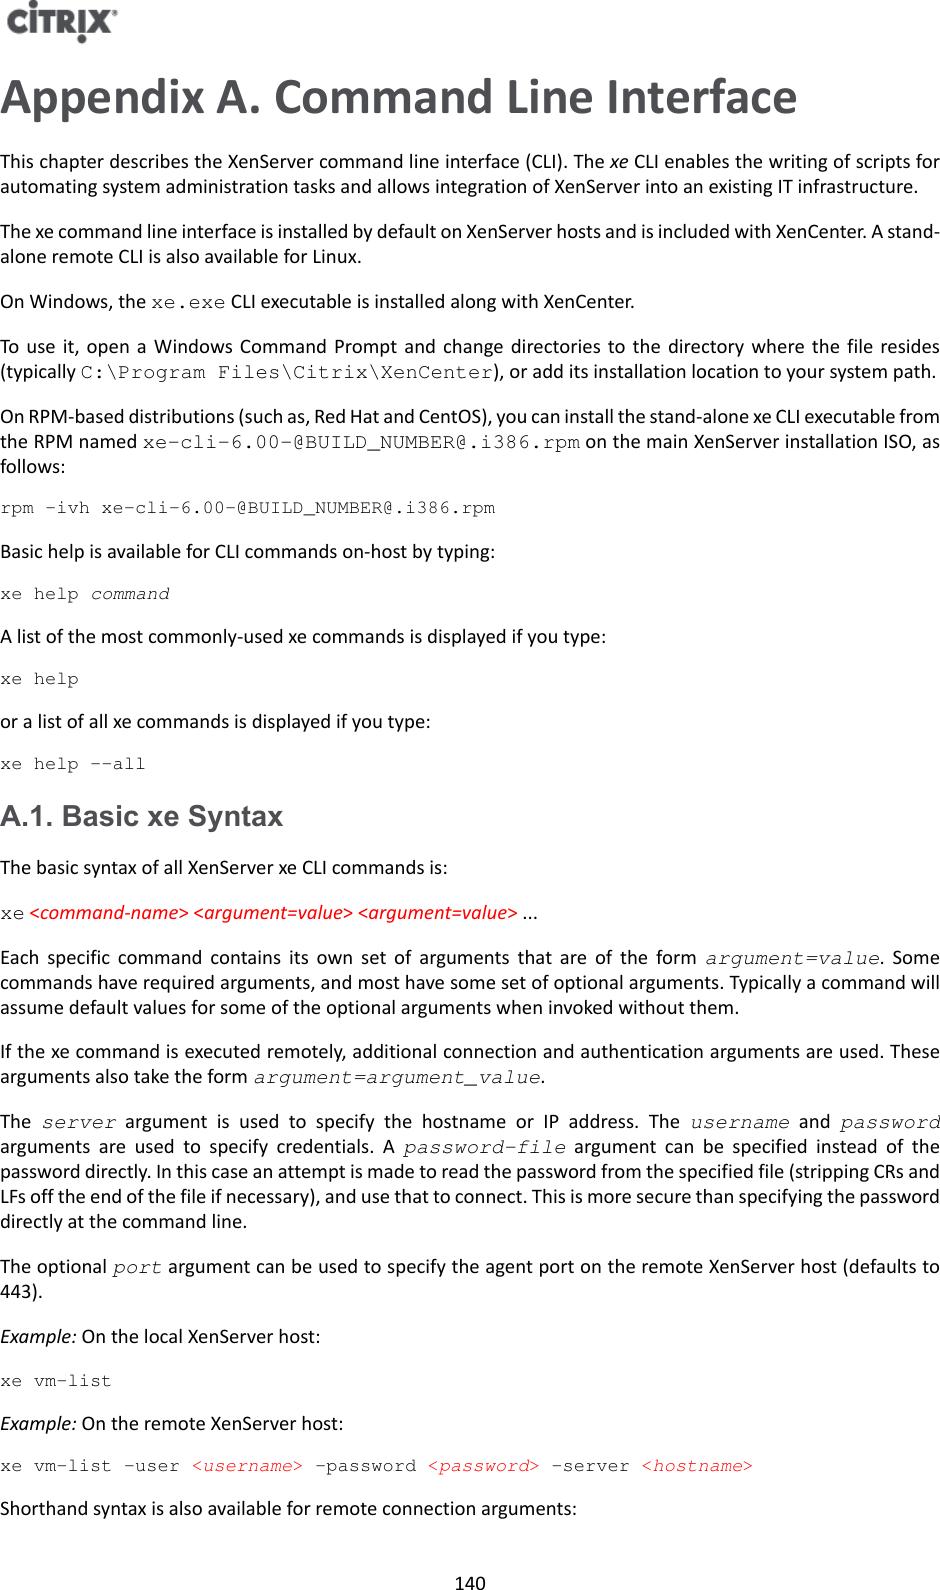 Citrix XenServer ® 7 0 Administrator's Guide 7 0 administrators